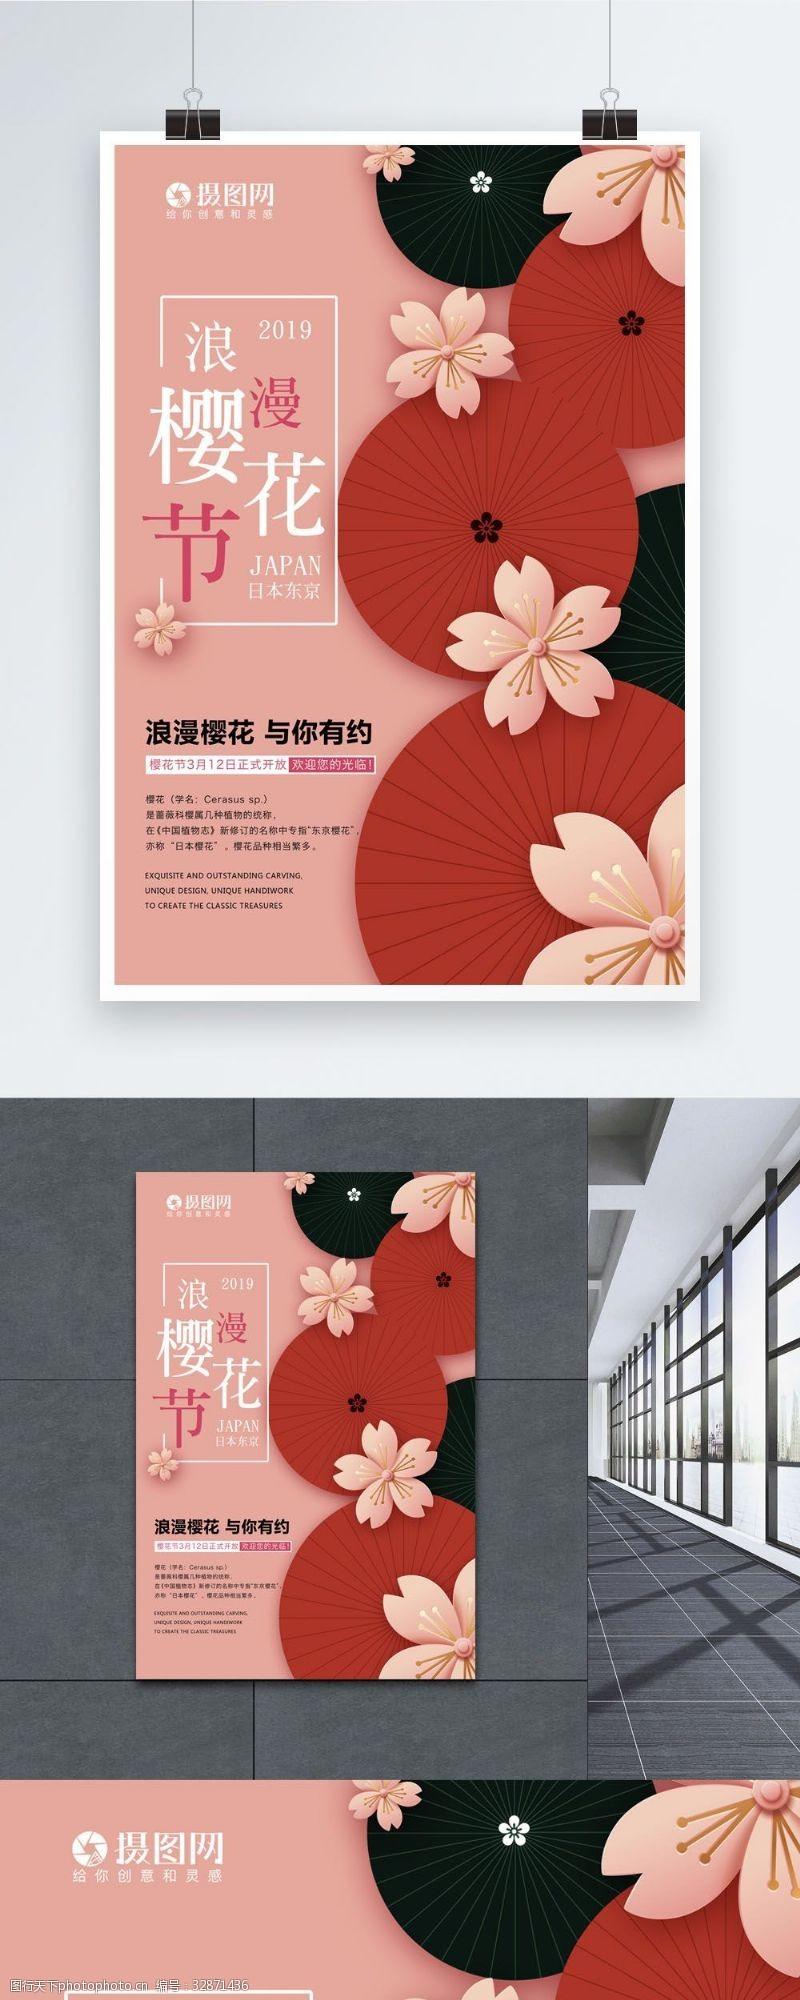 遇见樱花日本浪漫樱花节海报